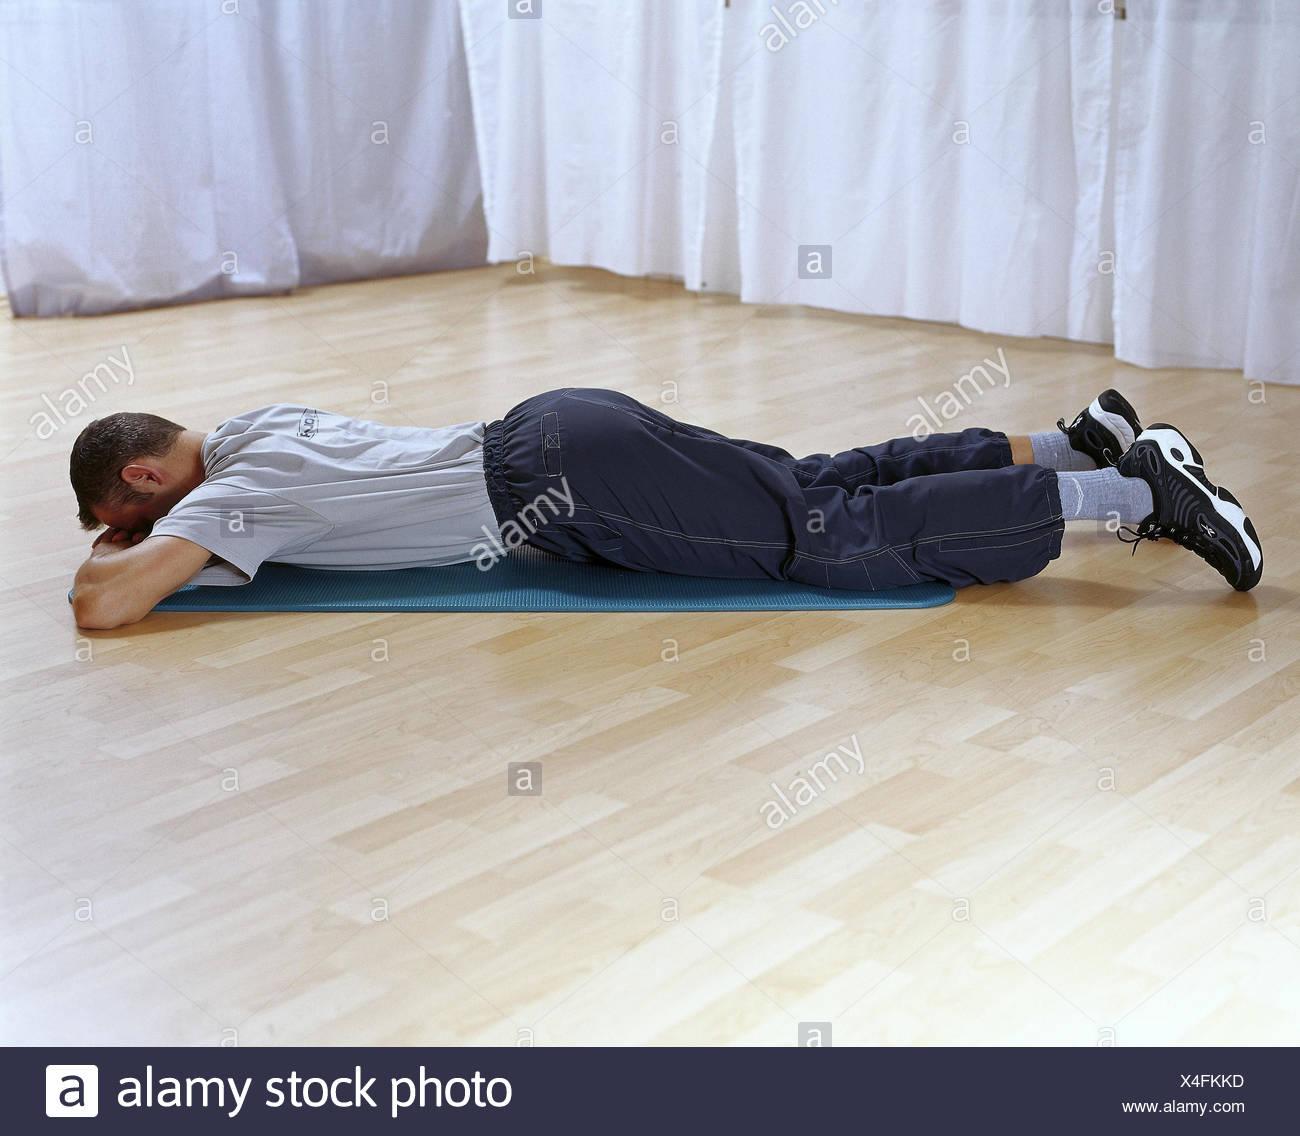 Gymnastics Mat Stock Photos & Gymnastics Mat Stock Images